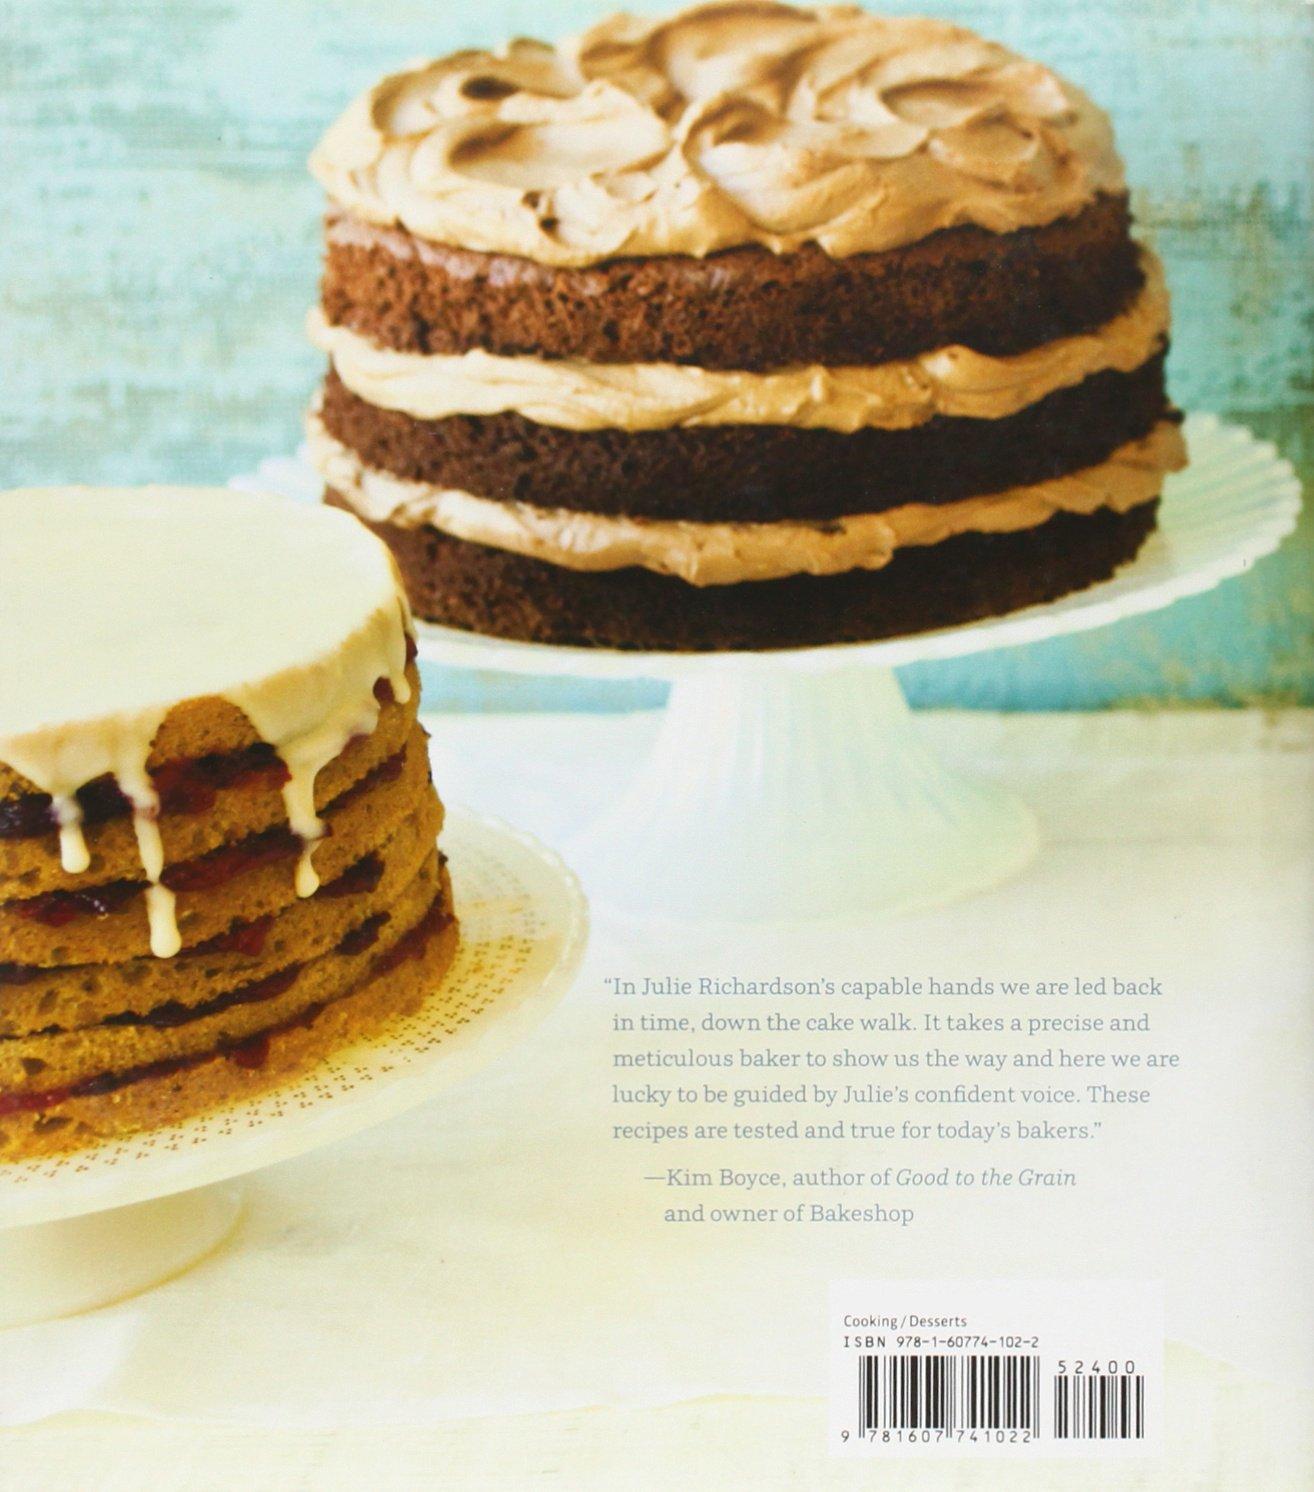 Vintage bundt cake recipes